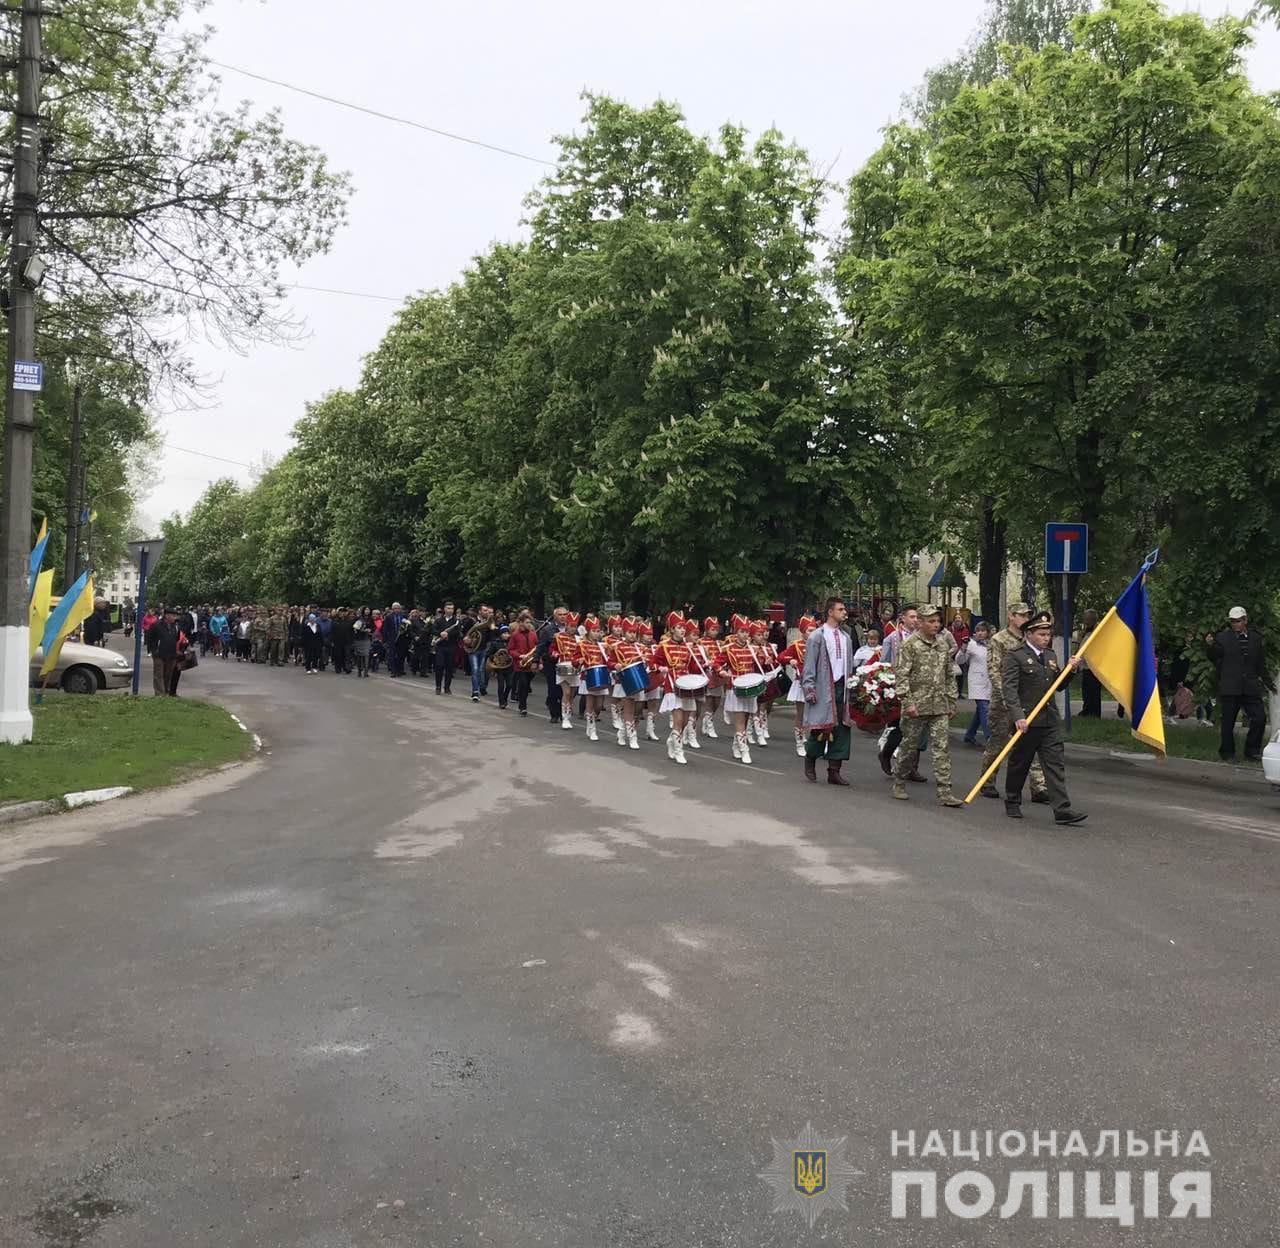 На охорону порядку на Київщині вийшли майже 800 правоохоронців - поліція Київщини, київщина, Друга світова війна, День перемоги над нацизмом - Poliz 9 trav 2